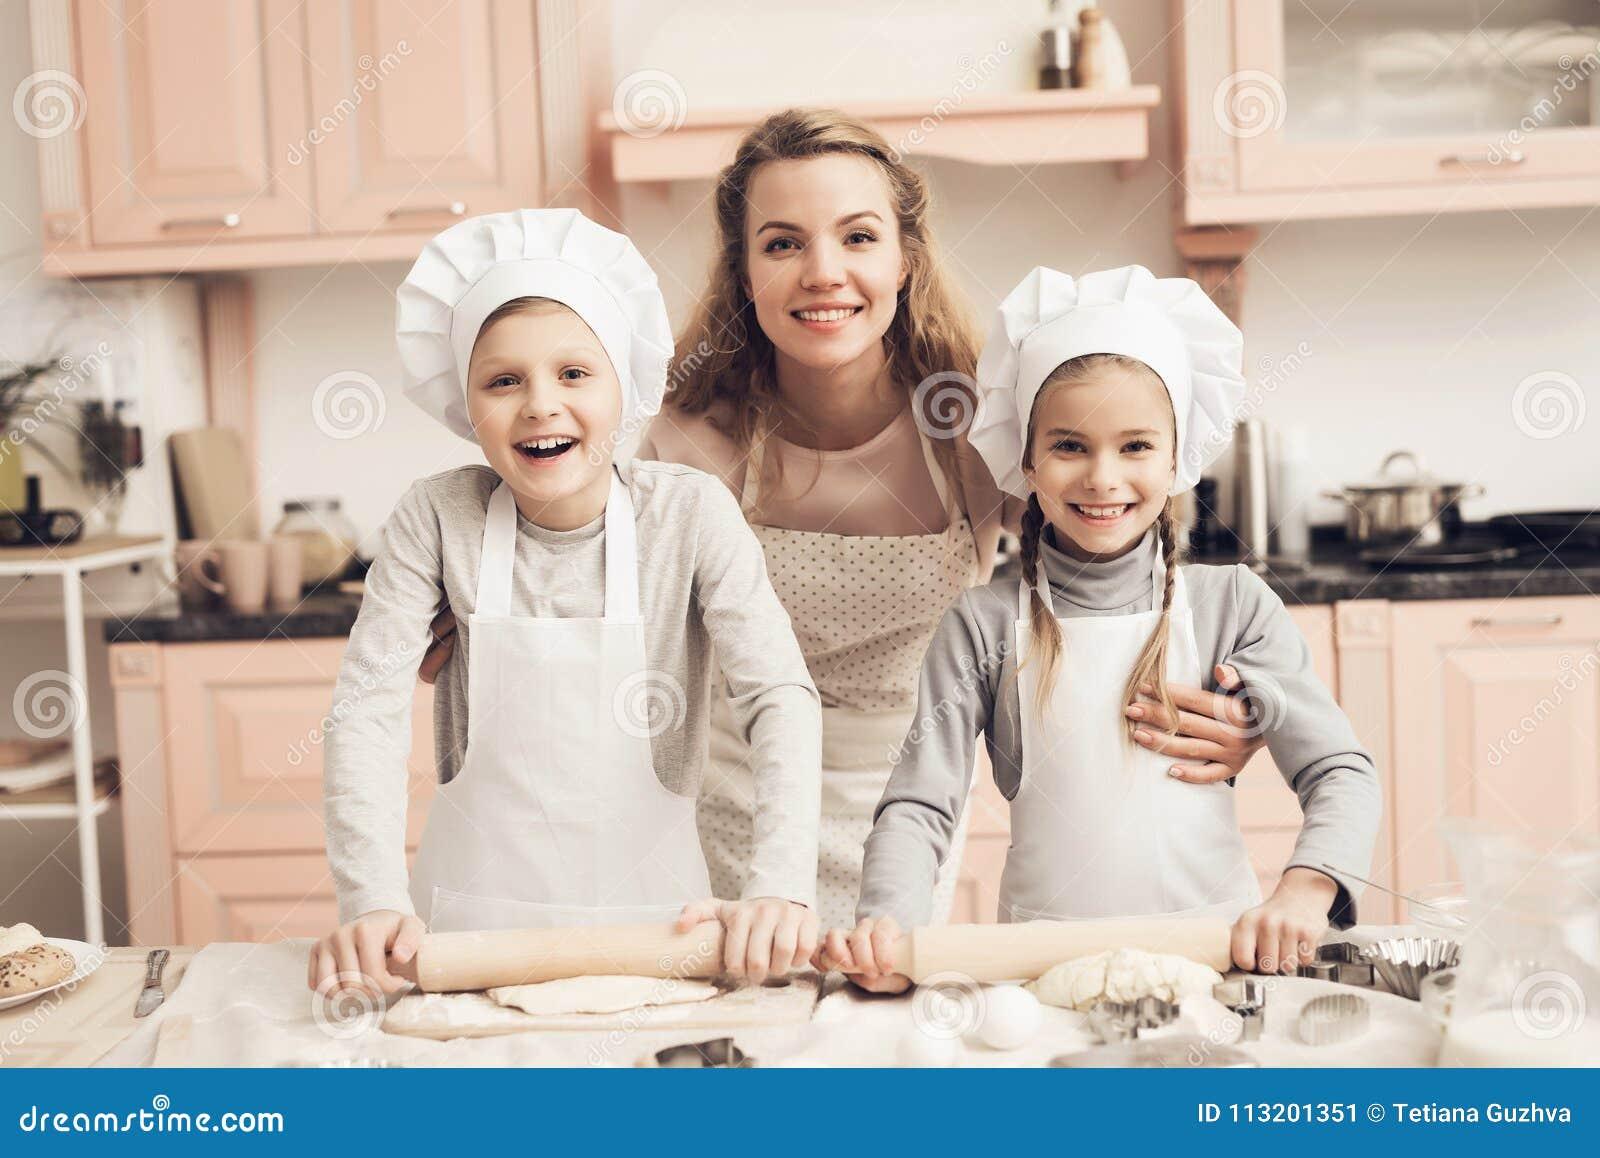 Enfants avec la mère dans la cuisine La famille est prête à dérouler la pâte